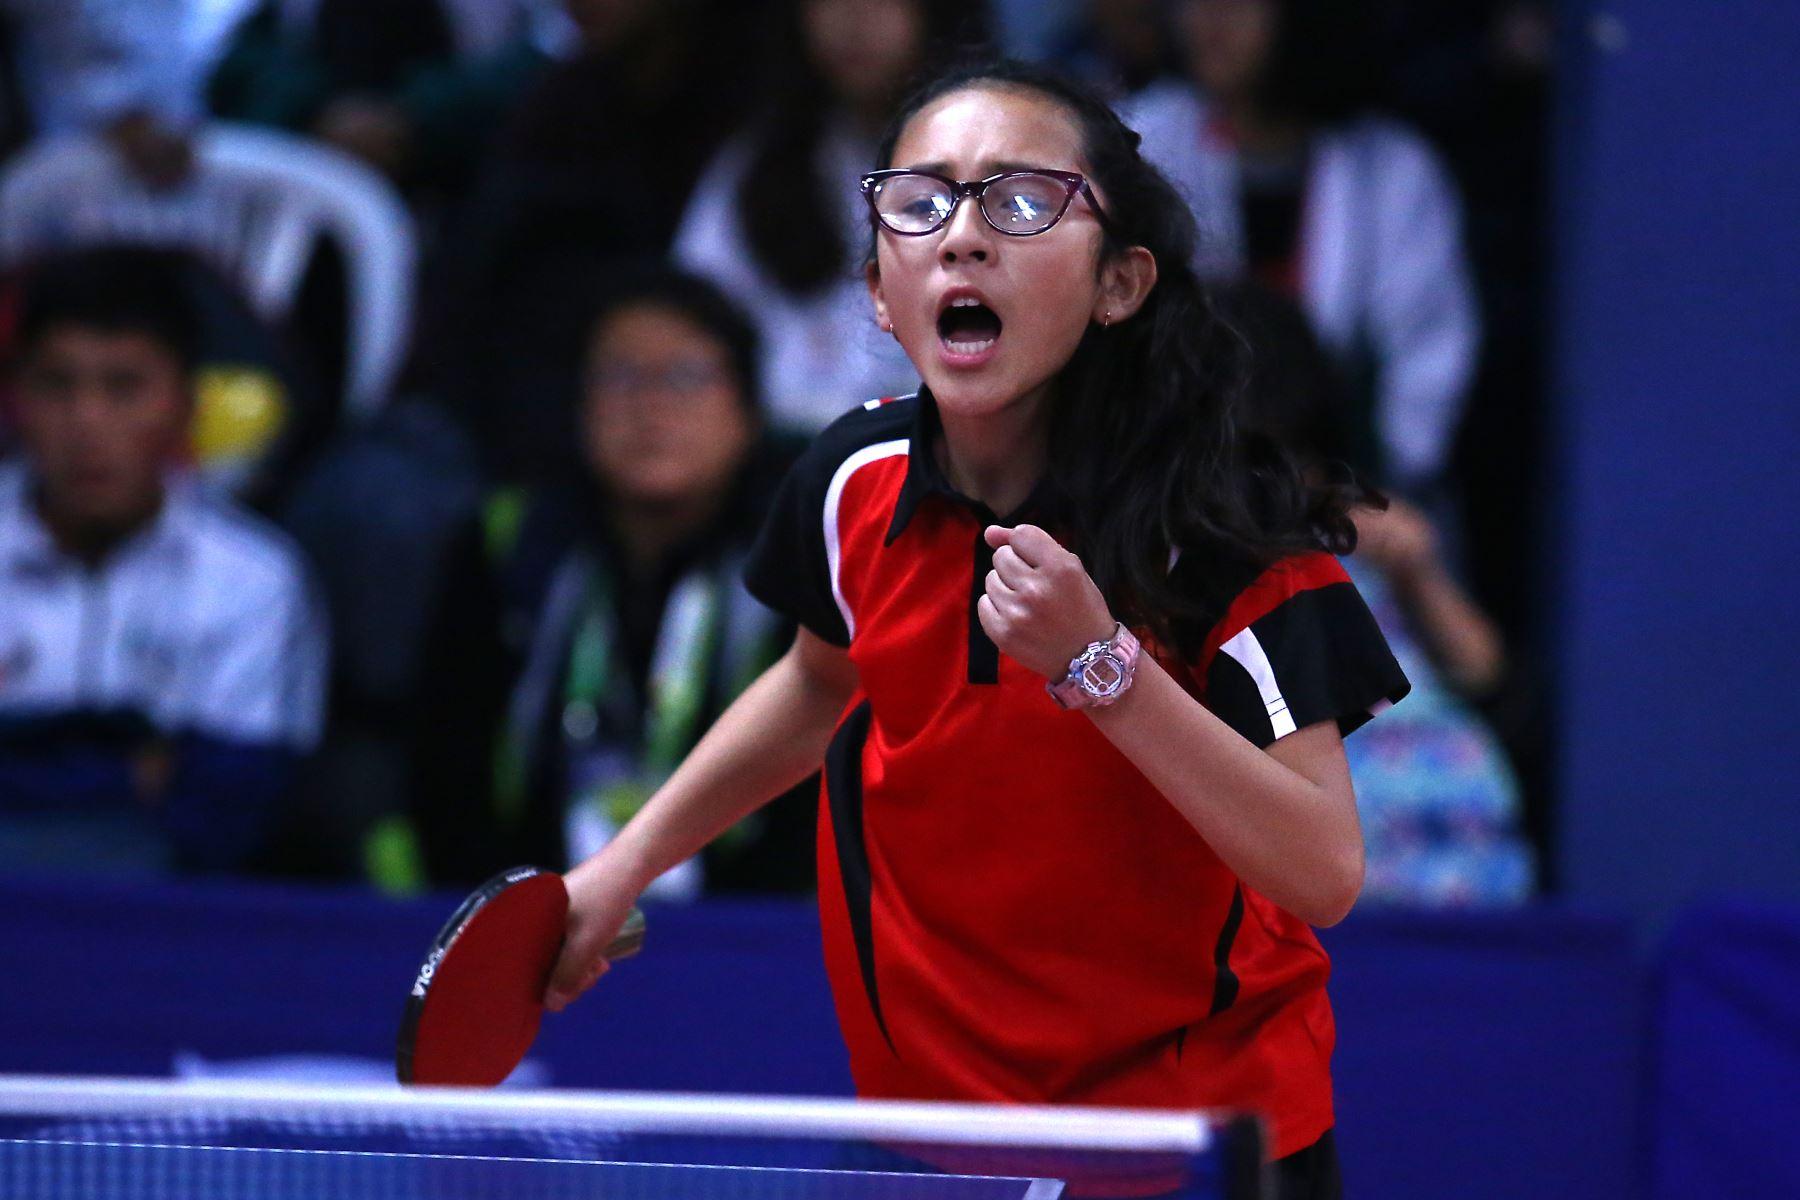 Alheli Naywa Llufire Pacheco del Colegio Maria Auxiliadora de Cusco participa en categoría Tenis de Mesa de los Juegos Escolares 2019. Foto: ANDINA/Vidal Tarqui